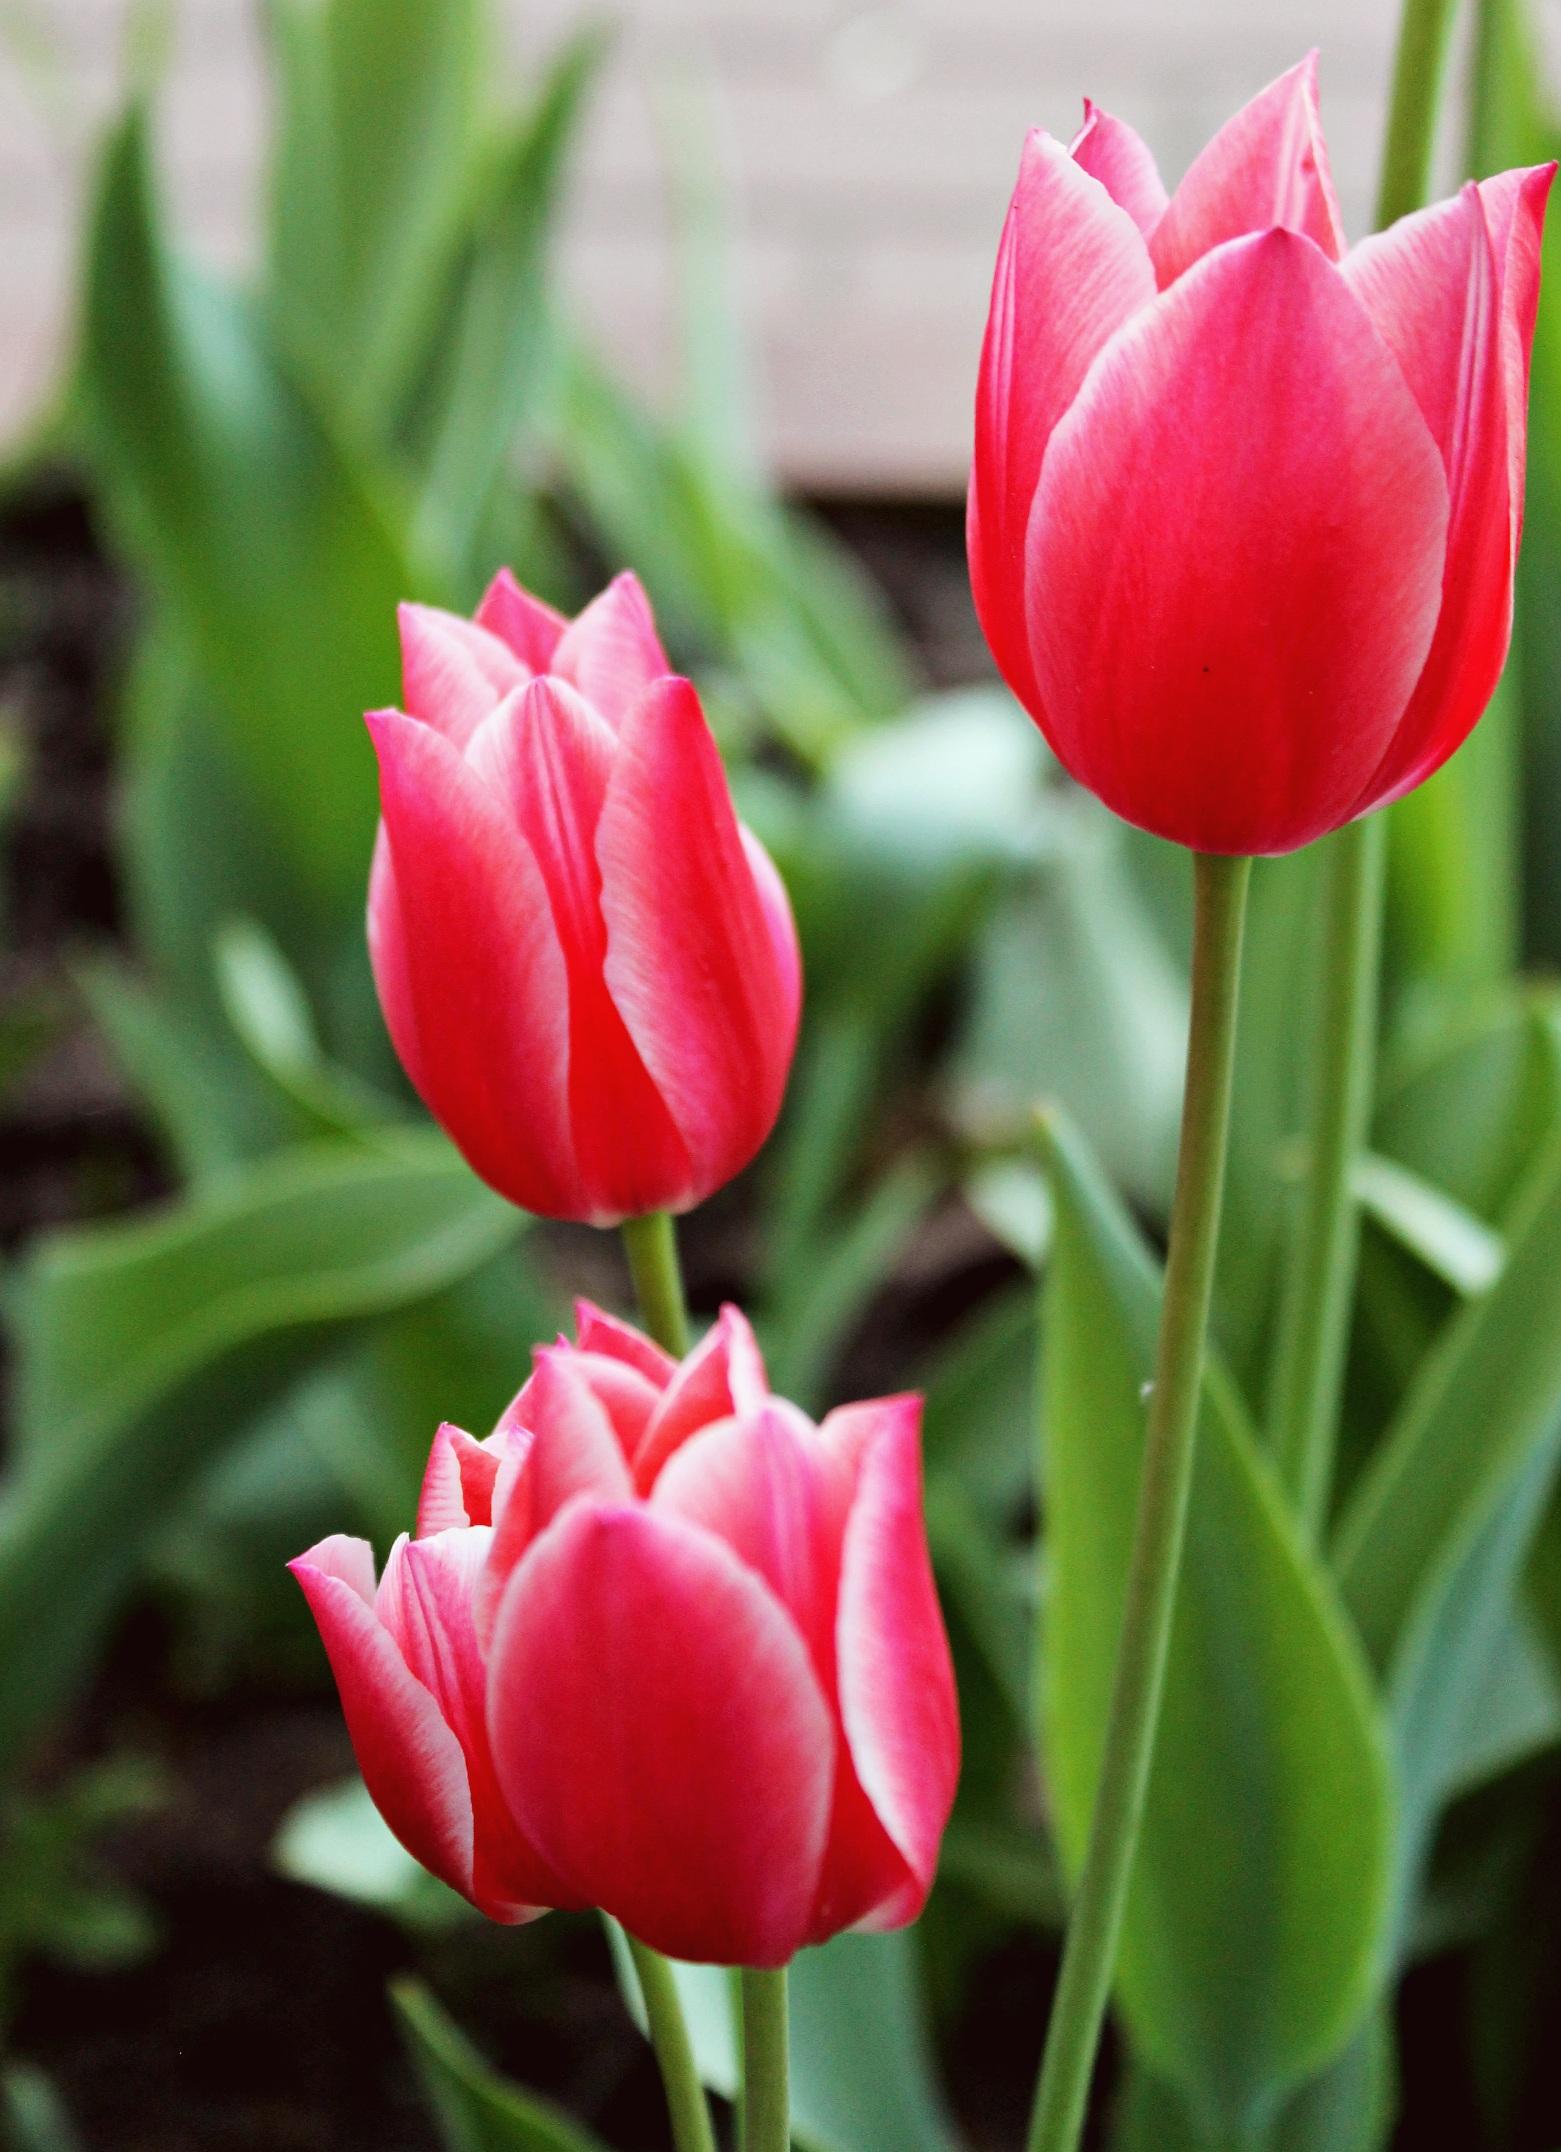 tulip-photo-173